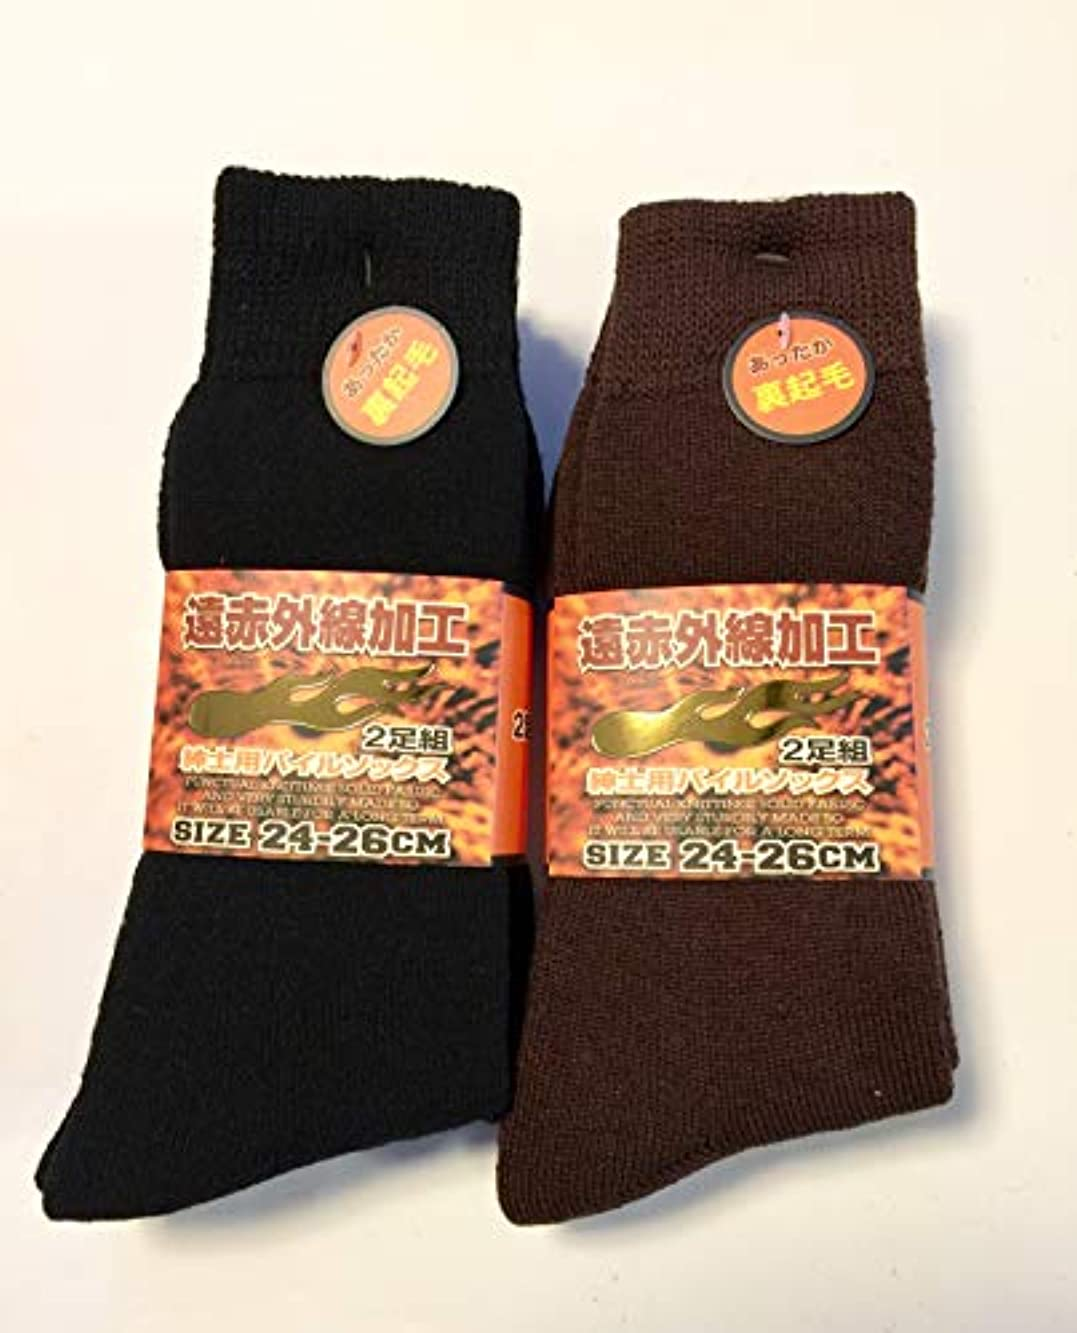 不測の事態南西含める靴下 メンズ あったか 裏起毛パイルソックス 保温力抜群 遠赤外線加工 24-26cm 4足組 (色はお任せ)